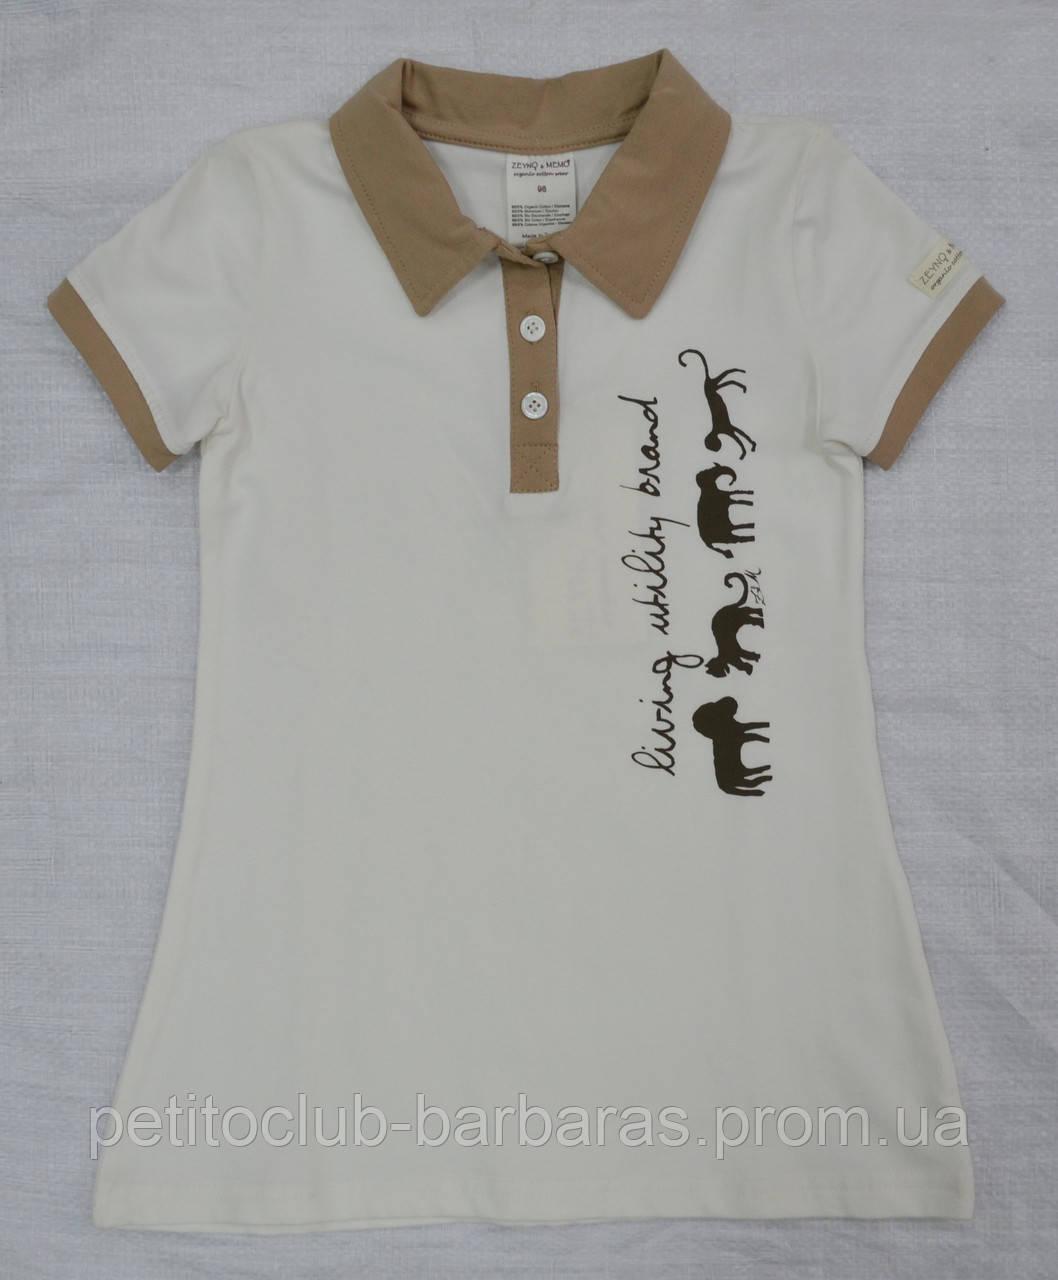 Детское летнее хлопковое платье-поло Сафари крем (Z&M, Турция)